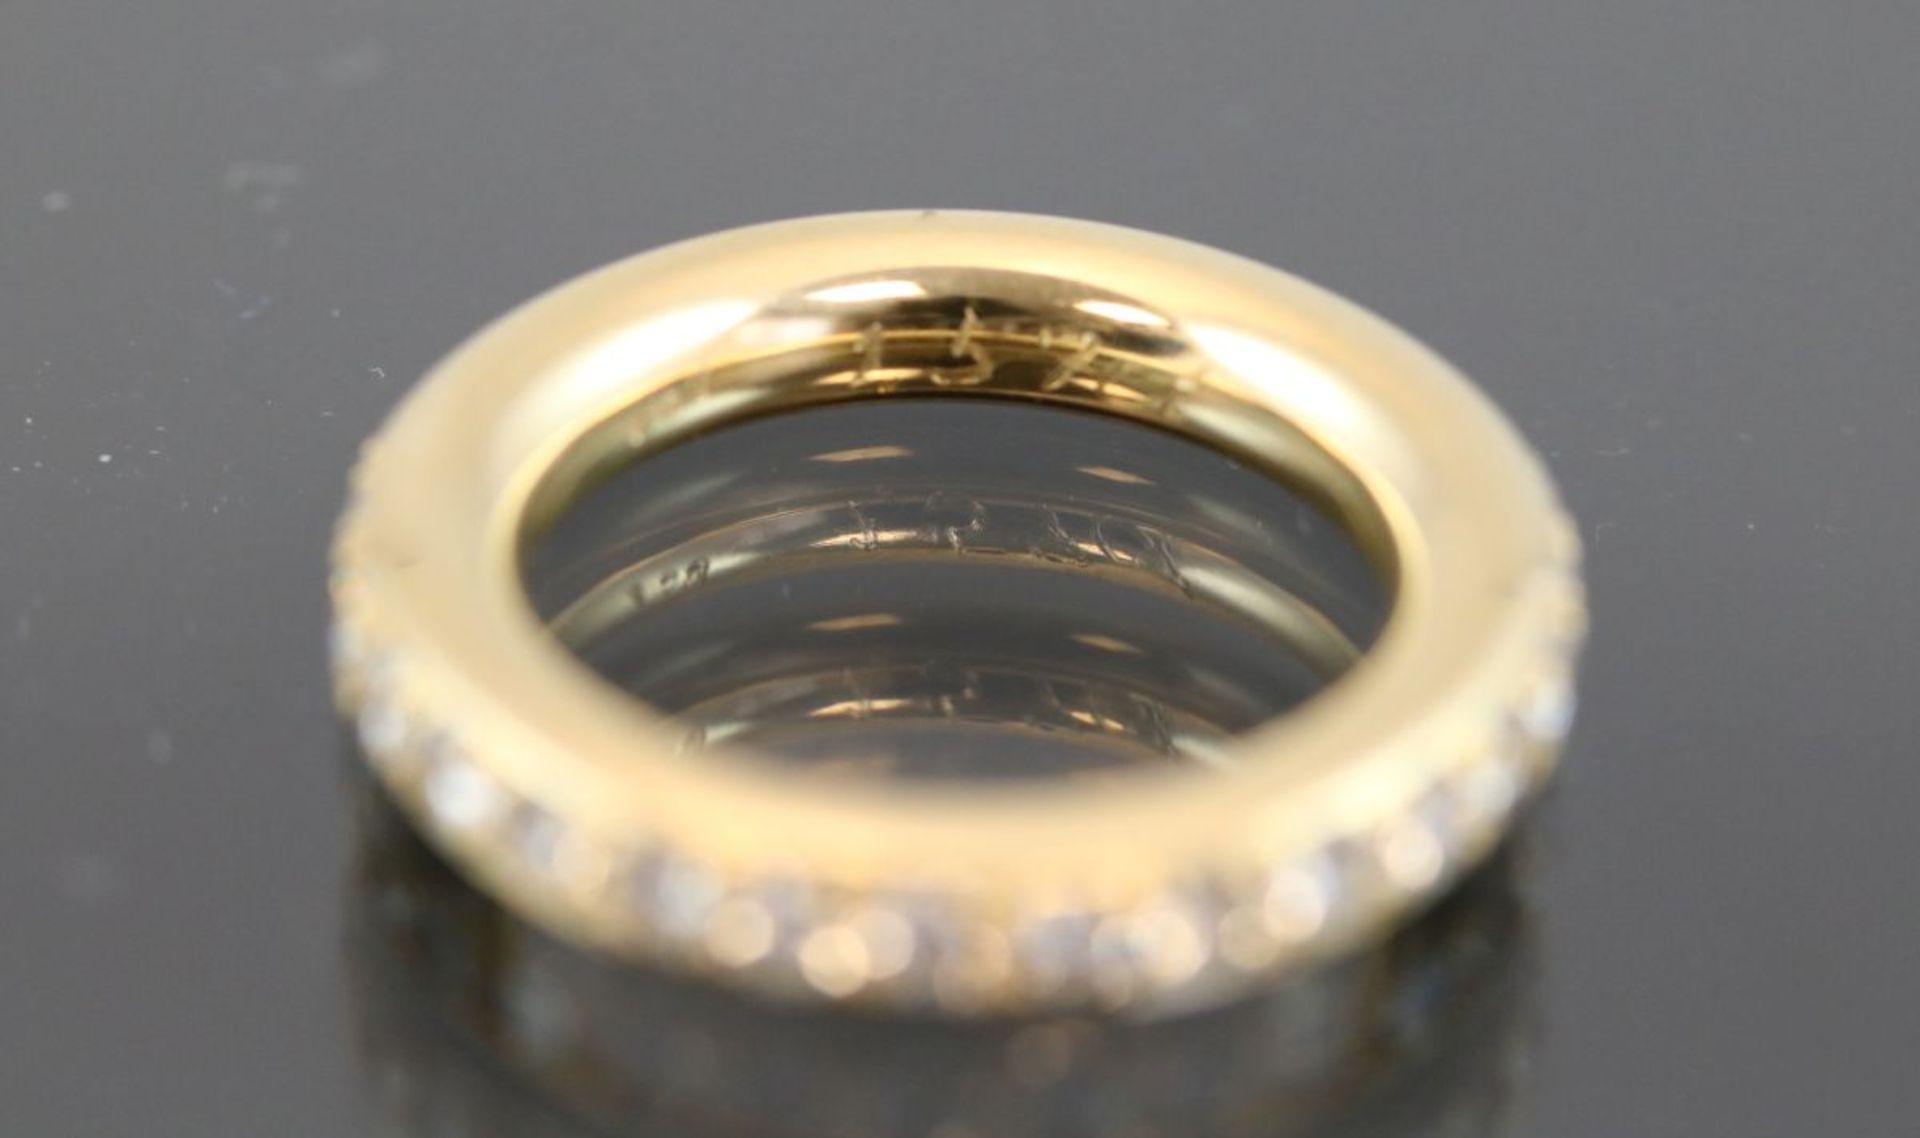 Brillant-Ring, 750 Gelbgold10,3 Gramm Brillanten, 1,57 ct., w/si. Ringgröße: 54Zustand: Neuwertig/ - Bild 2 aus 2